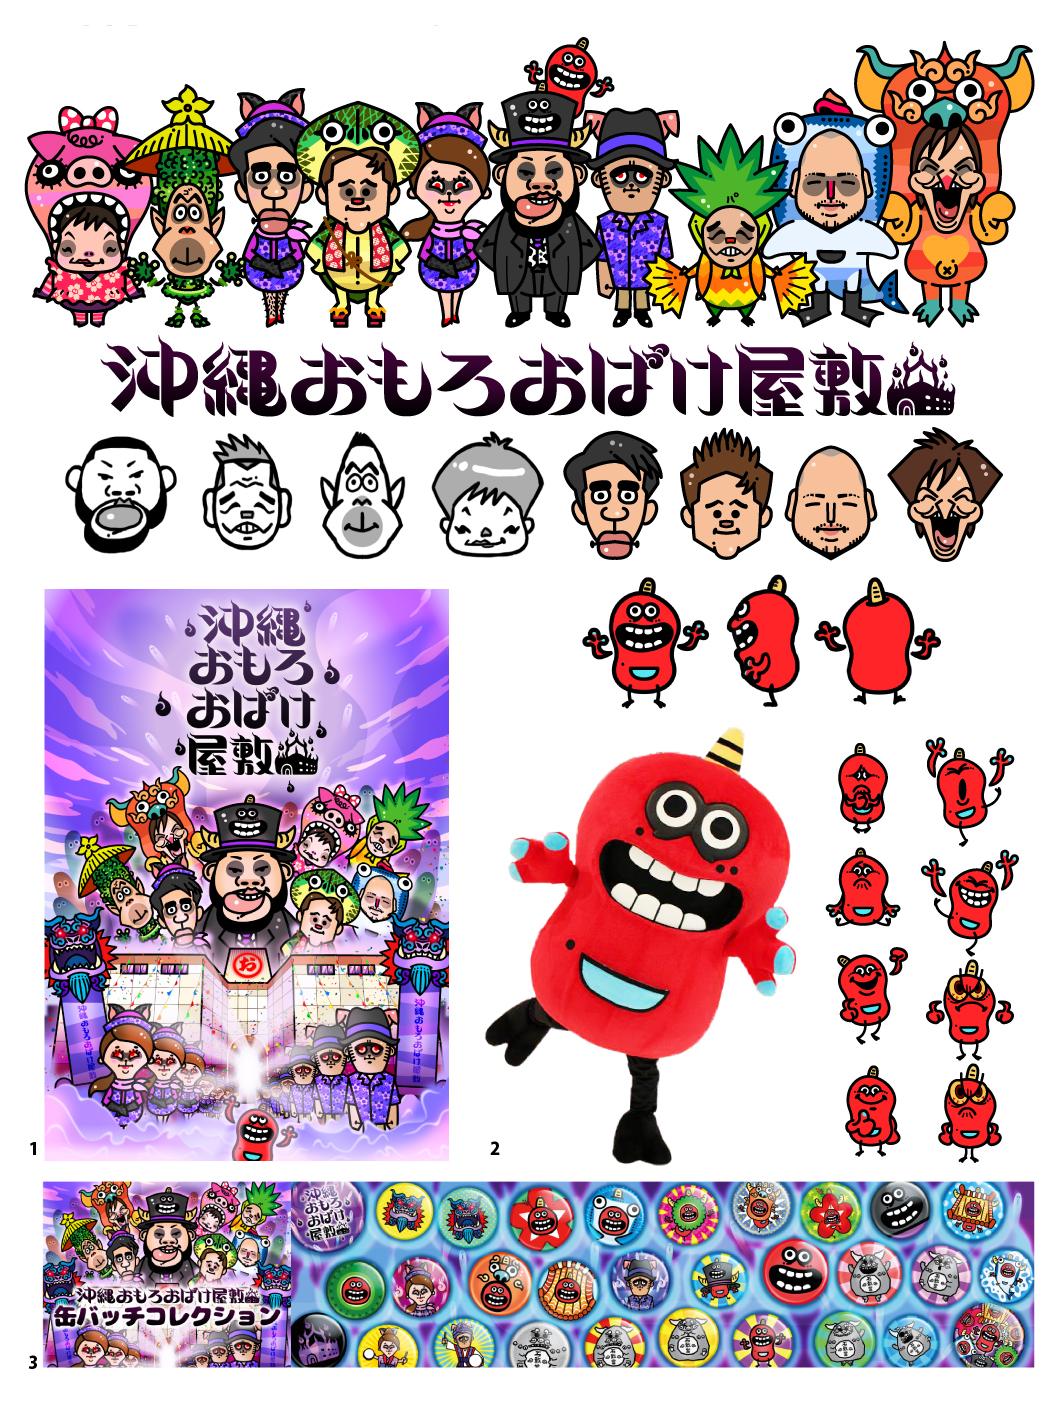 yoshimoto_1